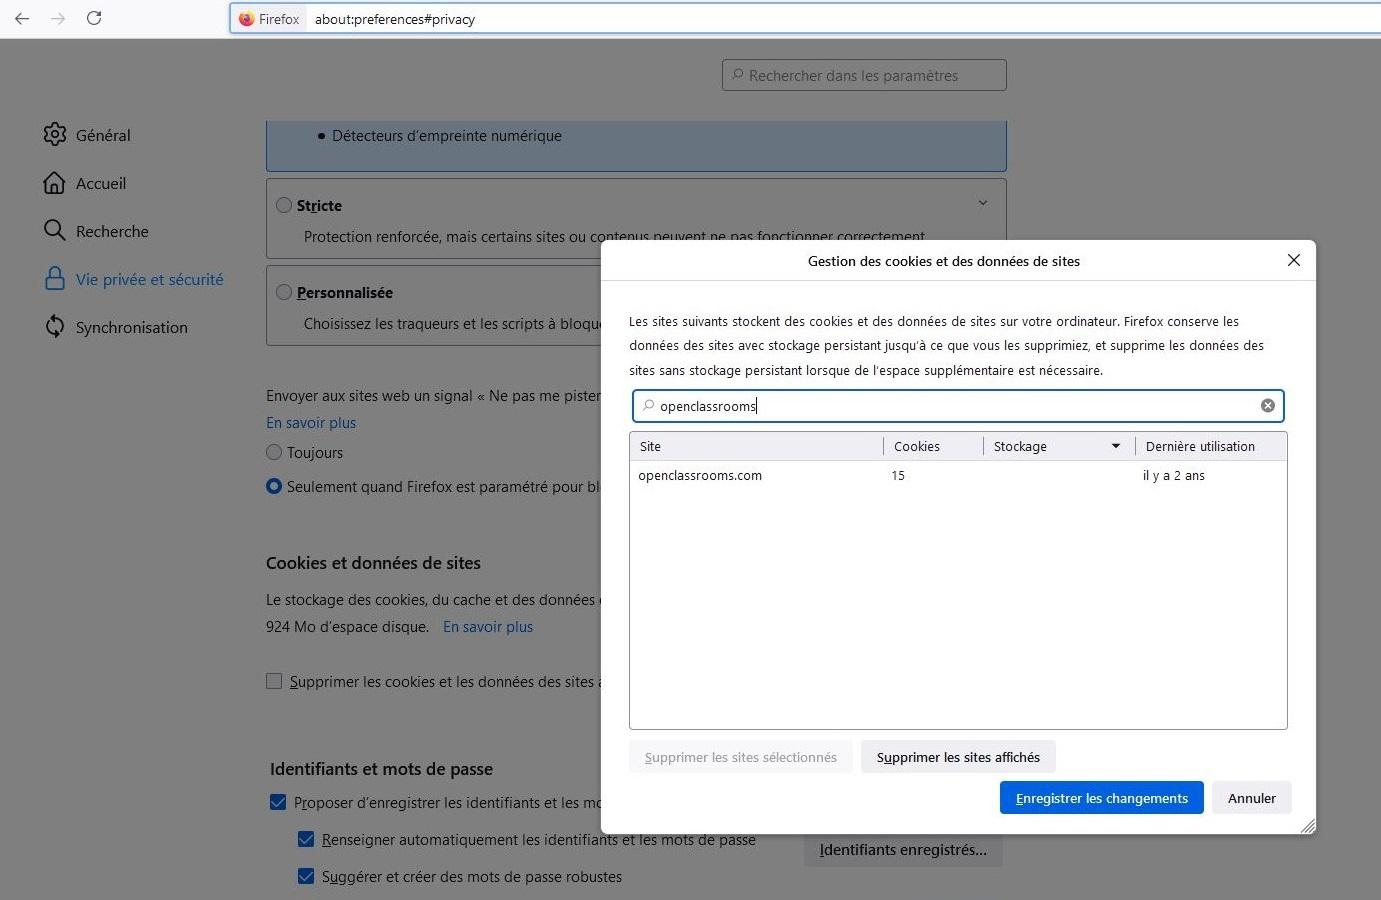 Capture d'écran qui montre la liste des cookies stockés sous Firefox. On voit qu'il y en a 15.